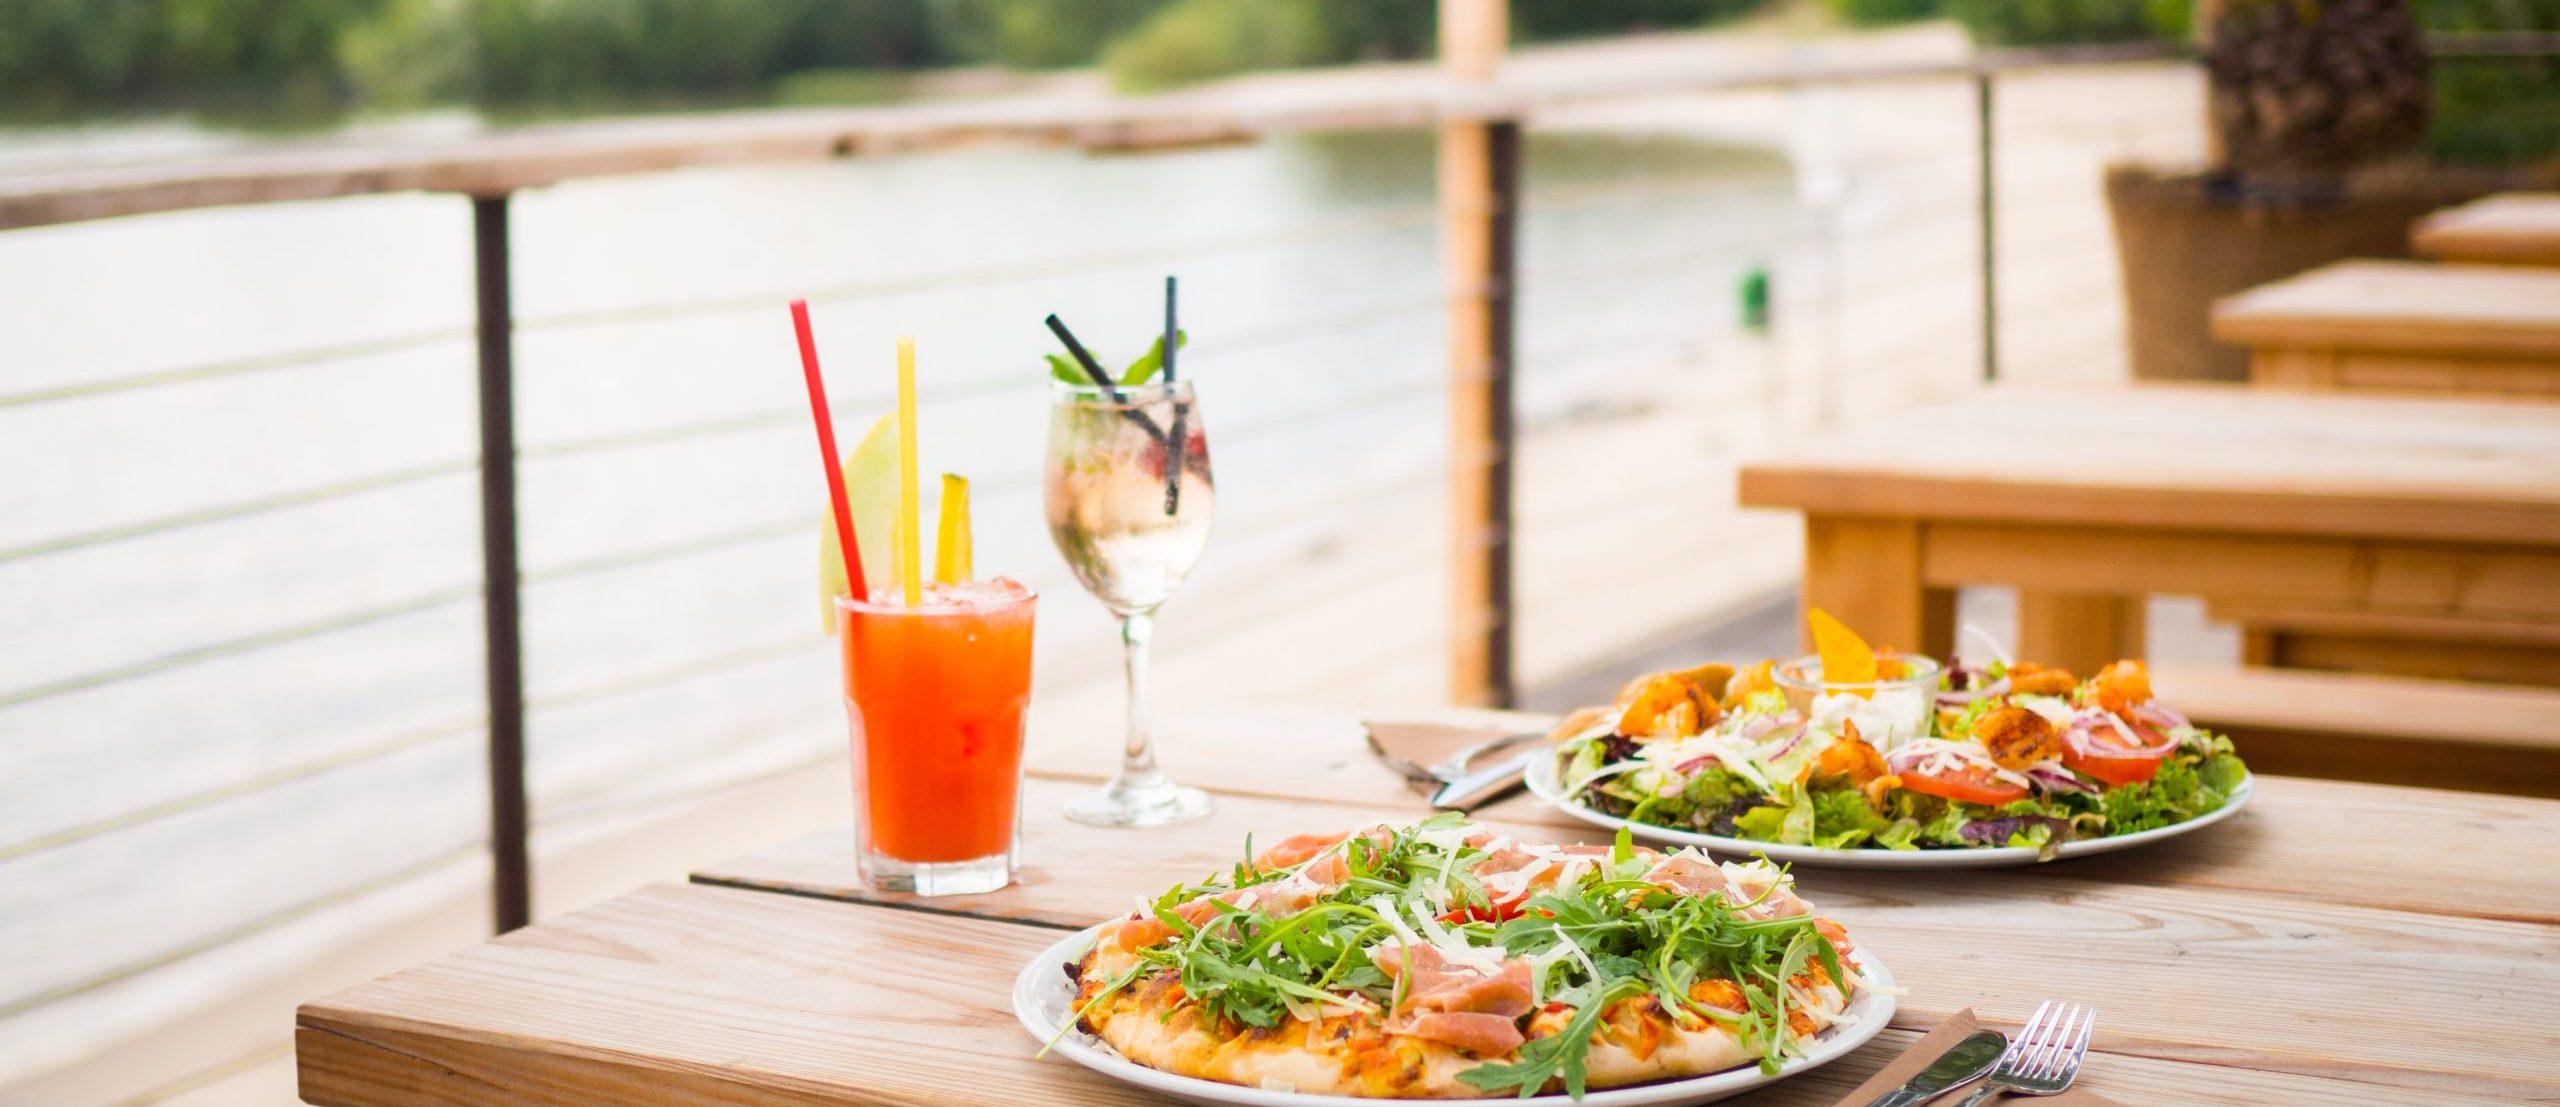 28GRAD Strandbad Wedel - Speisen & Getränke